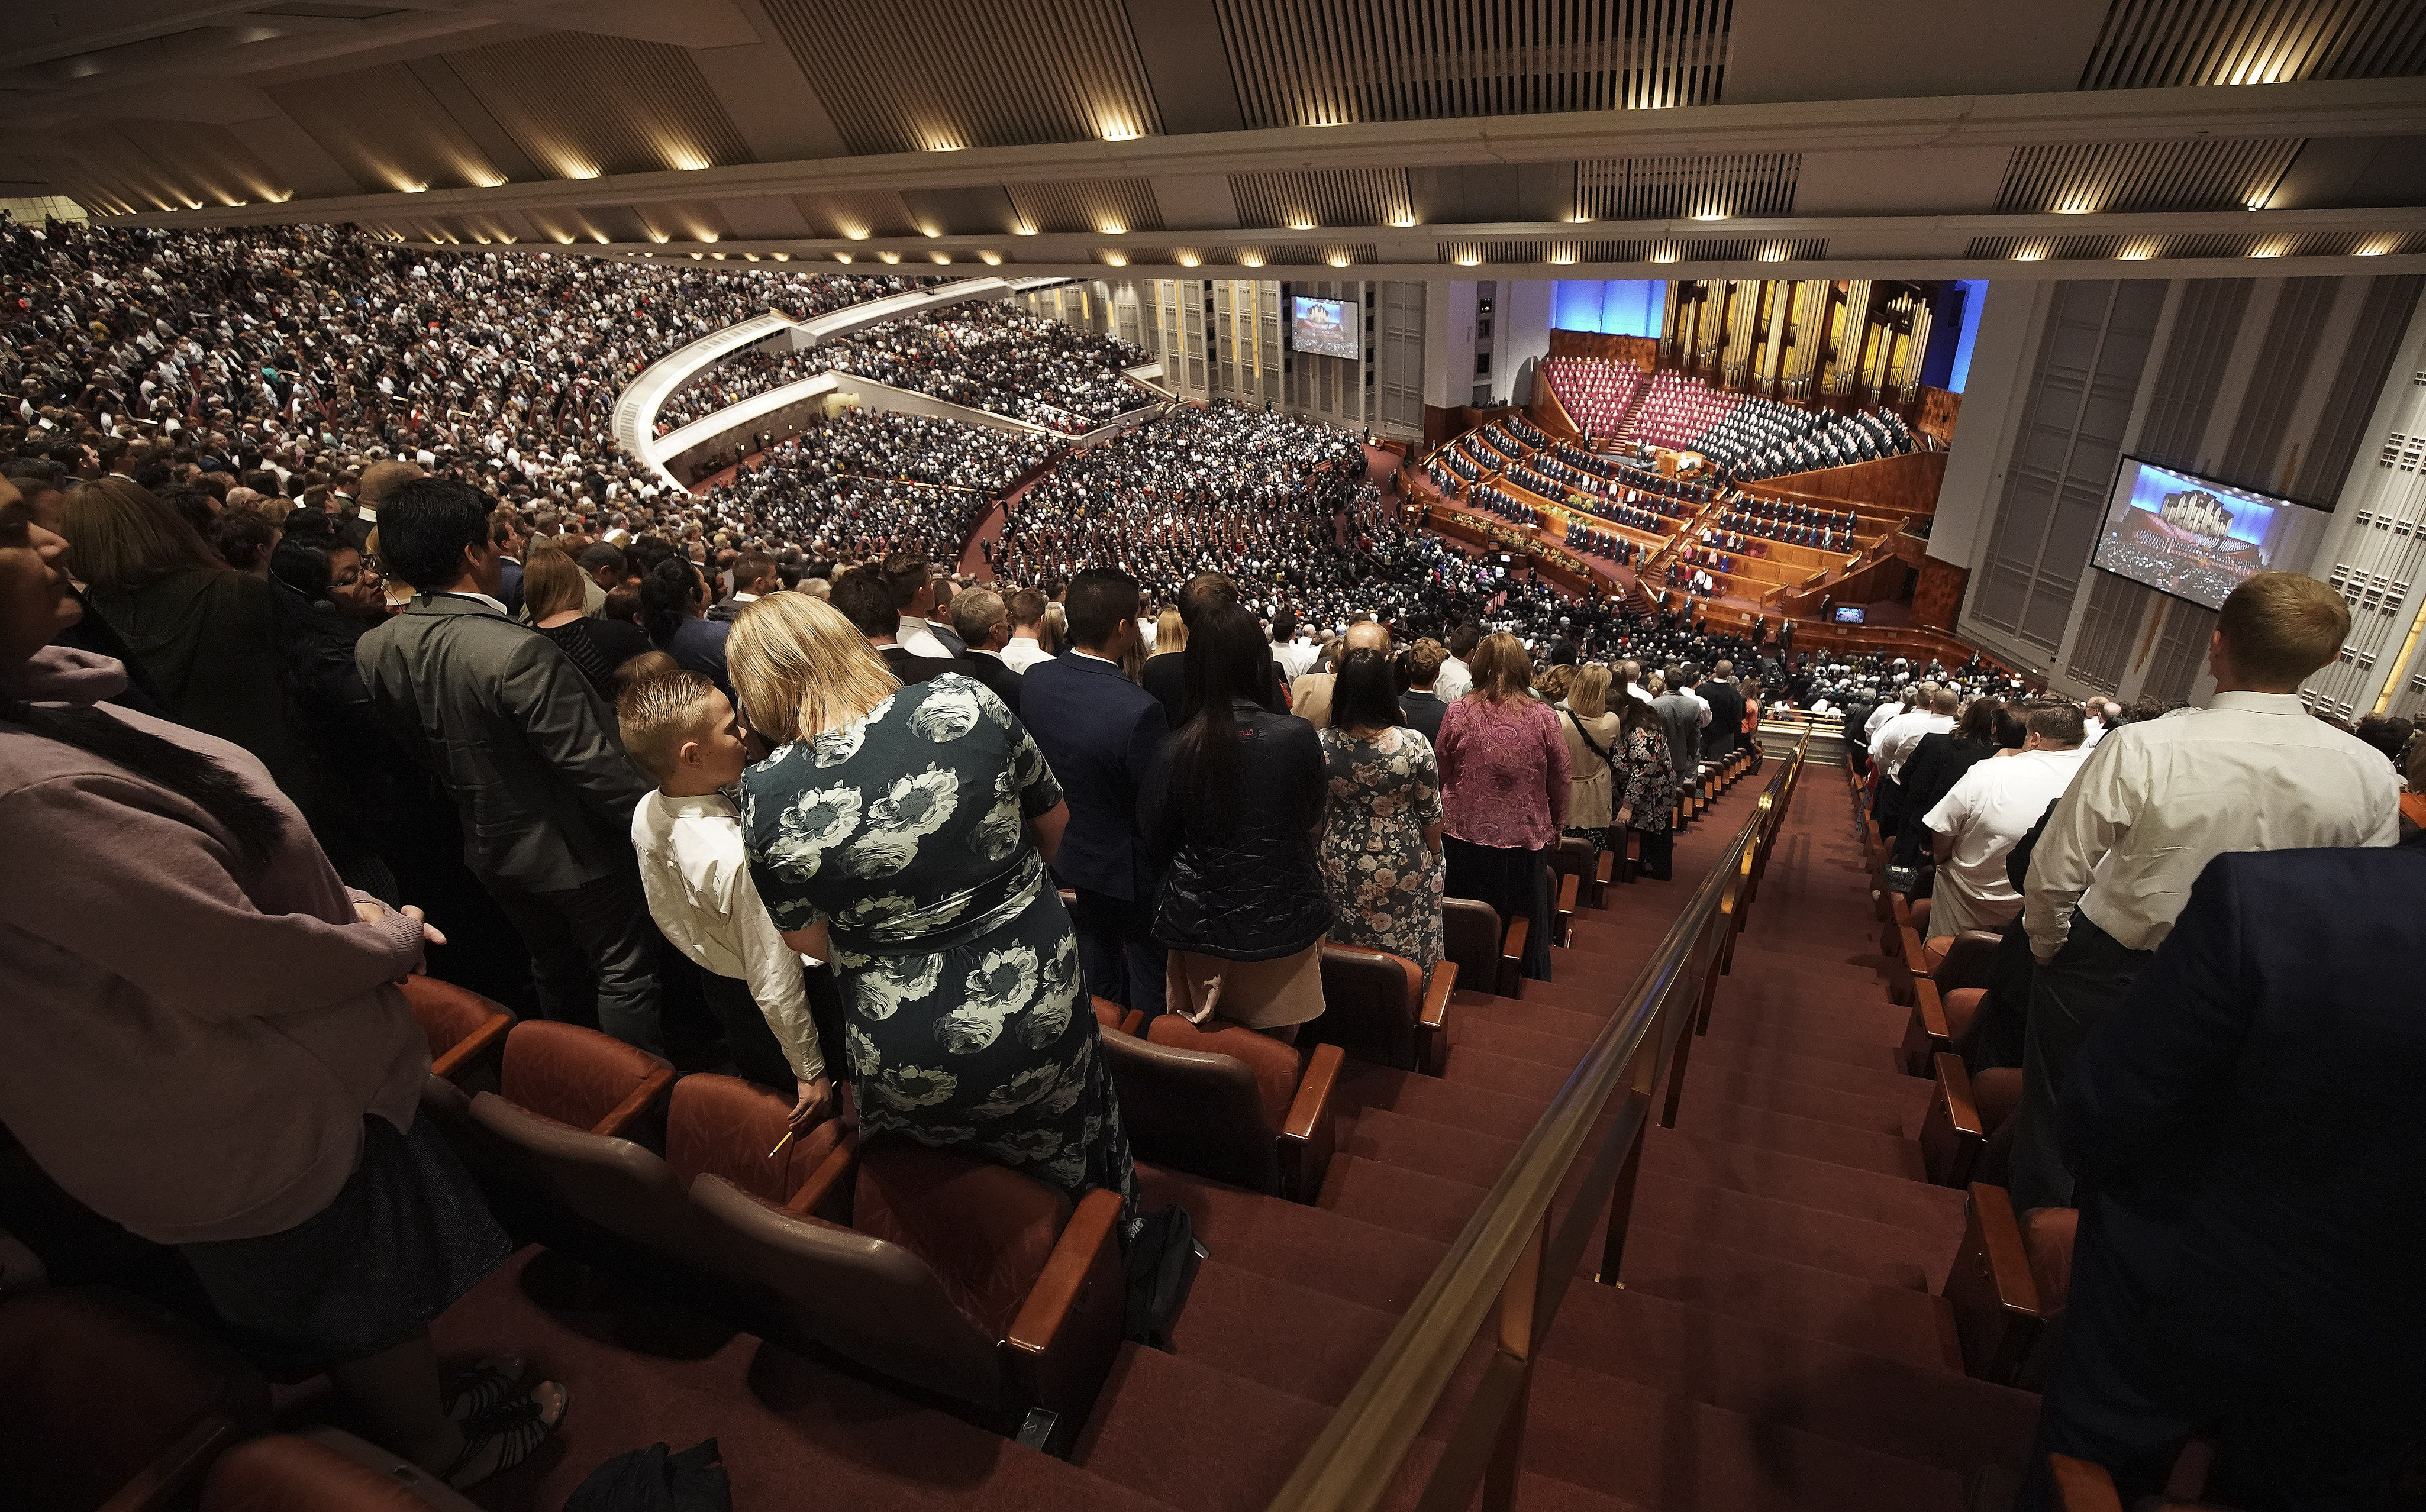 Algumas pessoas cantando durante a sessão da manhã de domingo da 189ª Conferência Geral Semestral de A Igreja de Jesus Cristo dos Santos dos Últimos Dias em Salt Lake City, em 6 de outubro de 2019.